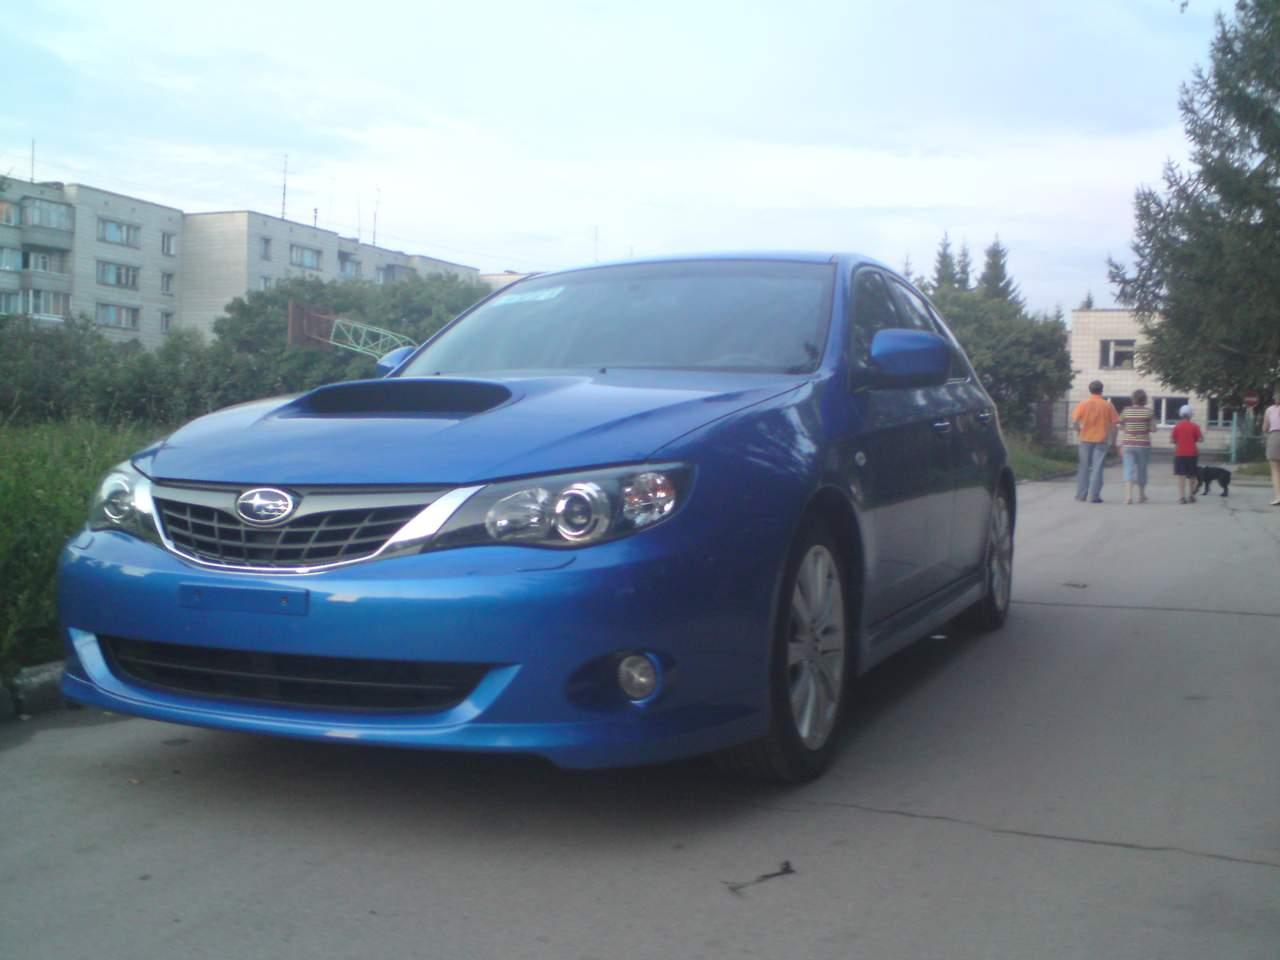 2007 Subaru Impreza Wrx Pics 2 5 Gasoline Manual For Sale